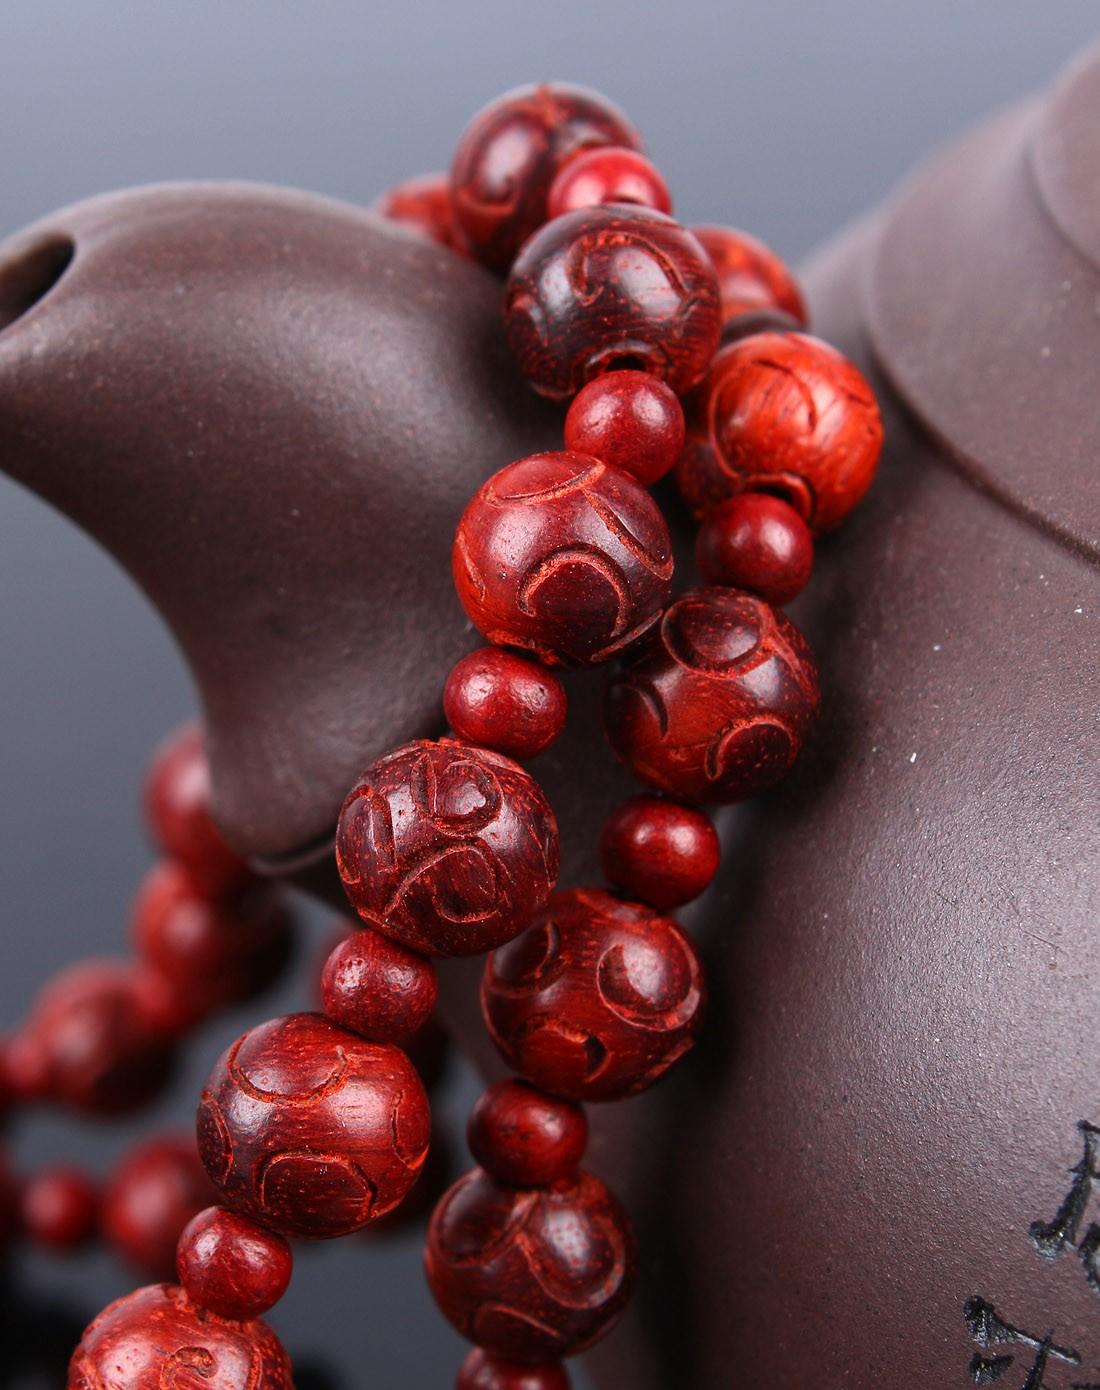 悦木之源饰品专场-天然小叶紫檀雕刻如意手串